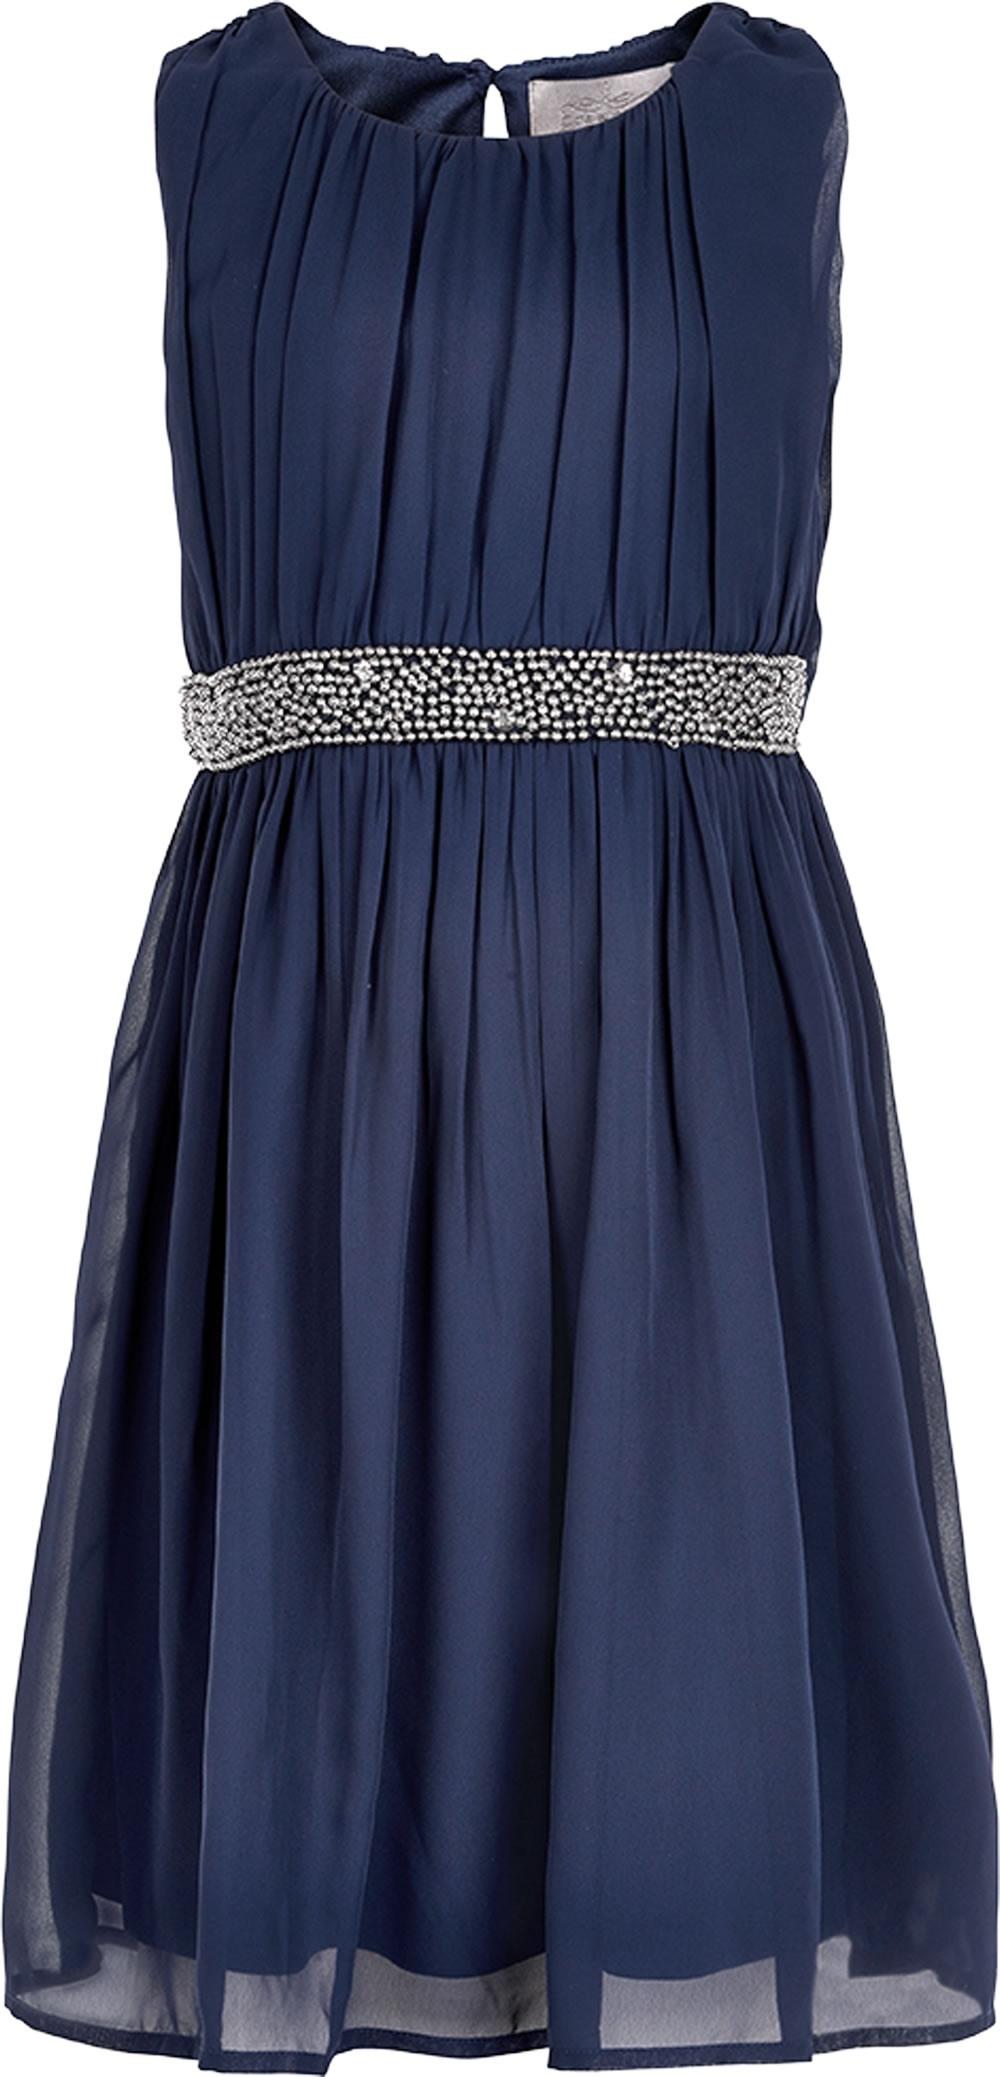 Formal Ausgezeichnet Der Kleid Galerie Genial Der Kleid Vertrieb